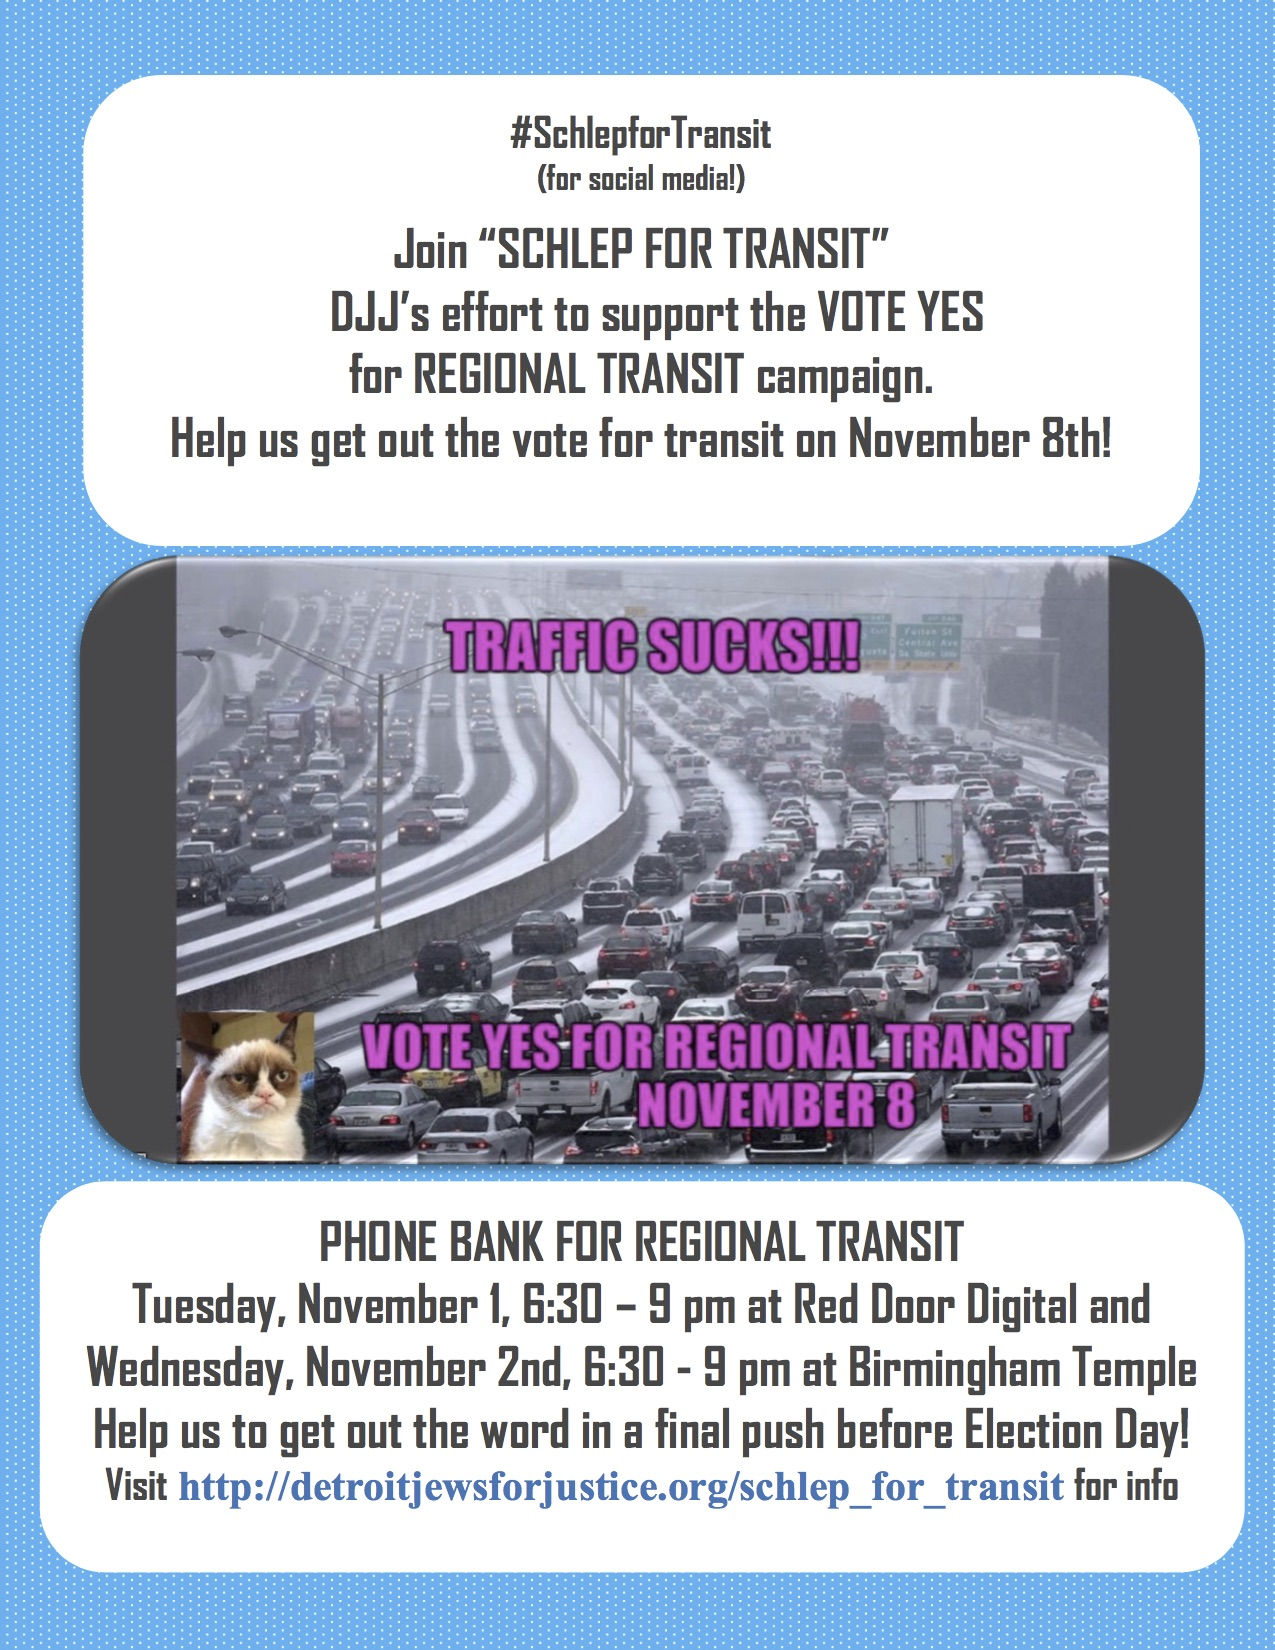 Schlep_For_Transit_V2_Traffic_Sucks.jpg